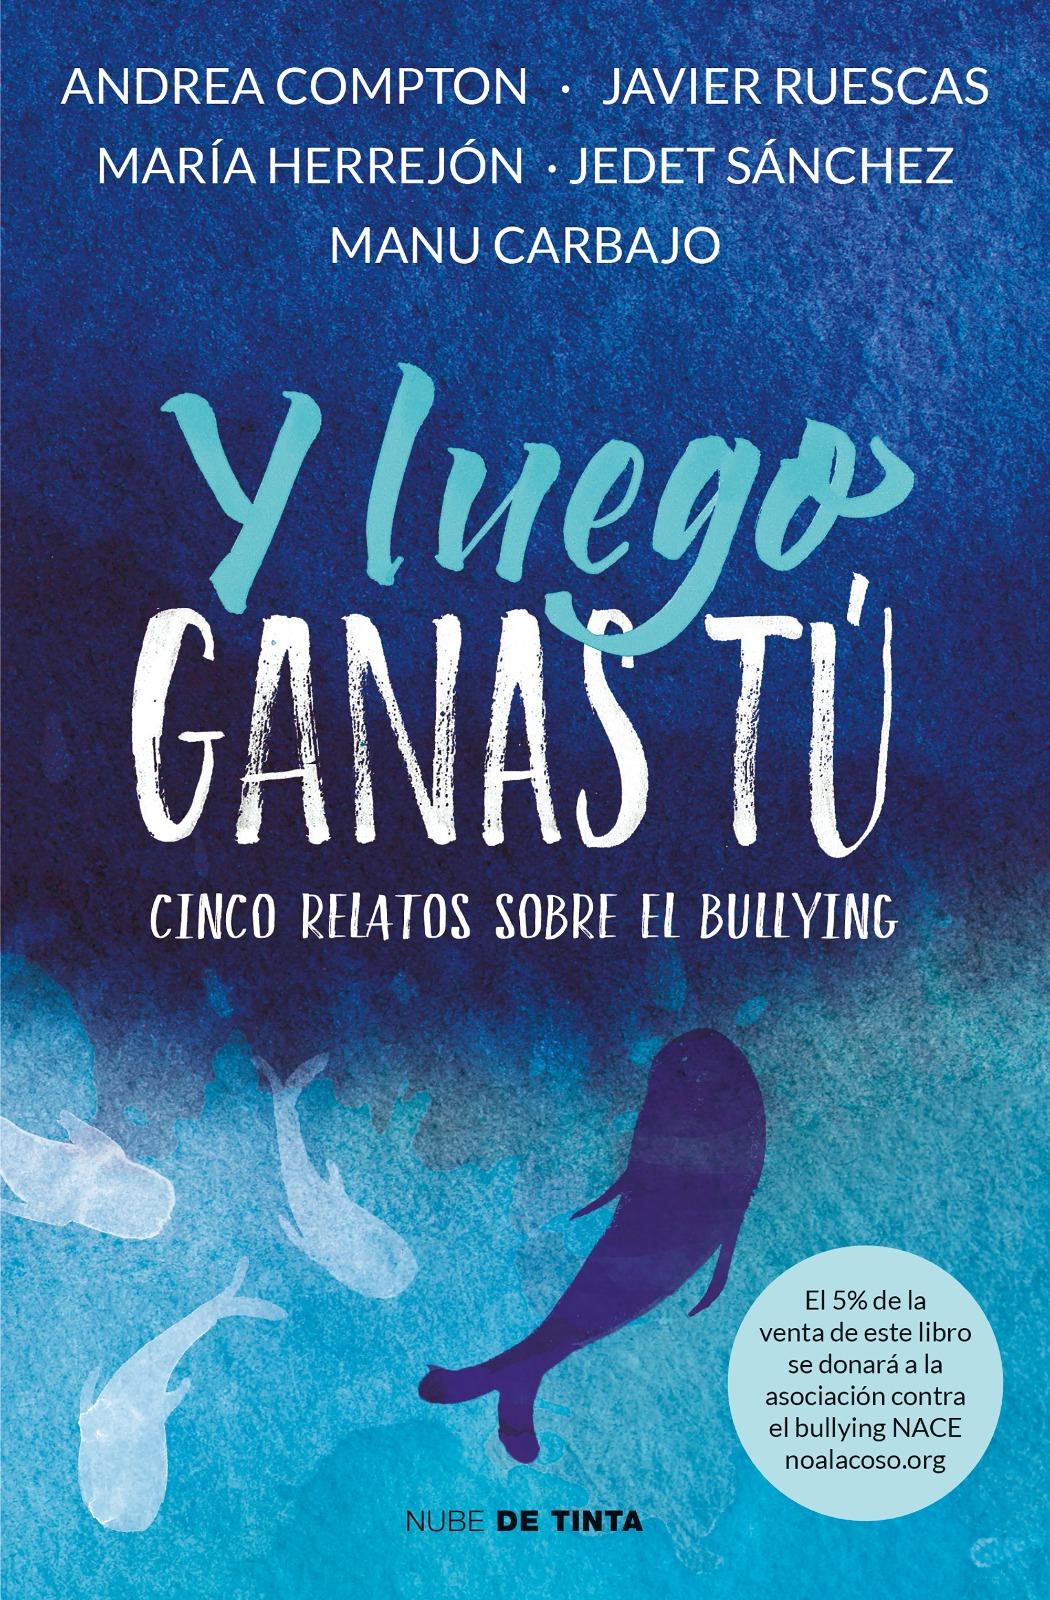 Resultado de imagen de Y luego ganas tú, Manu Carbajo, Andrea Compton, María Herrejón, Javier Ruescas, Jedet Sánchez